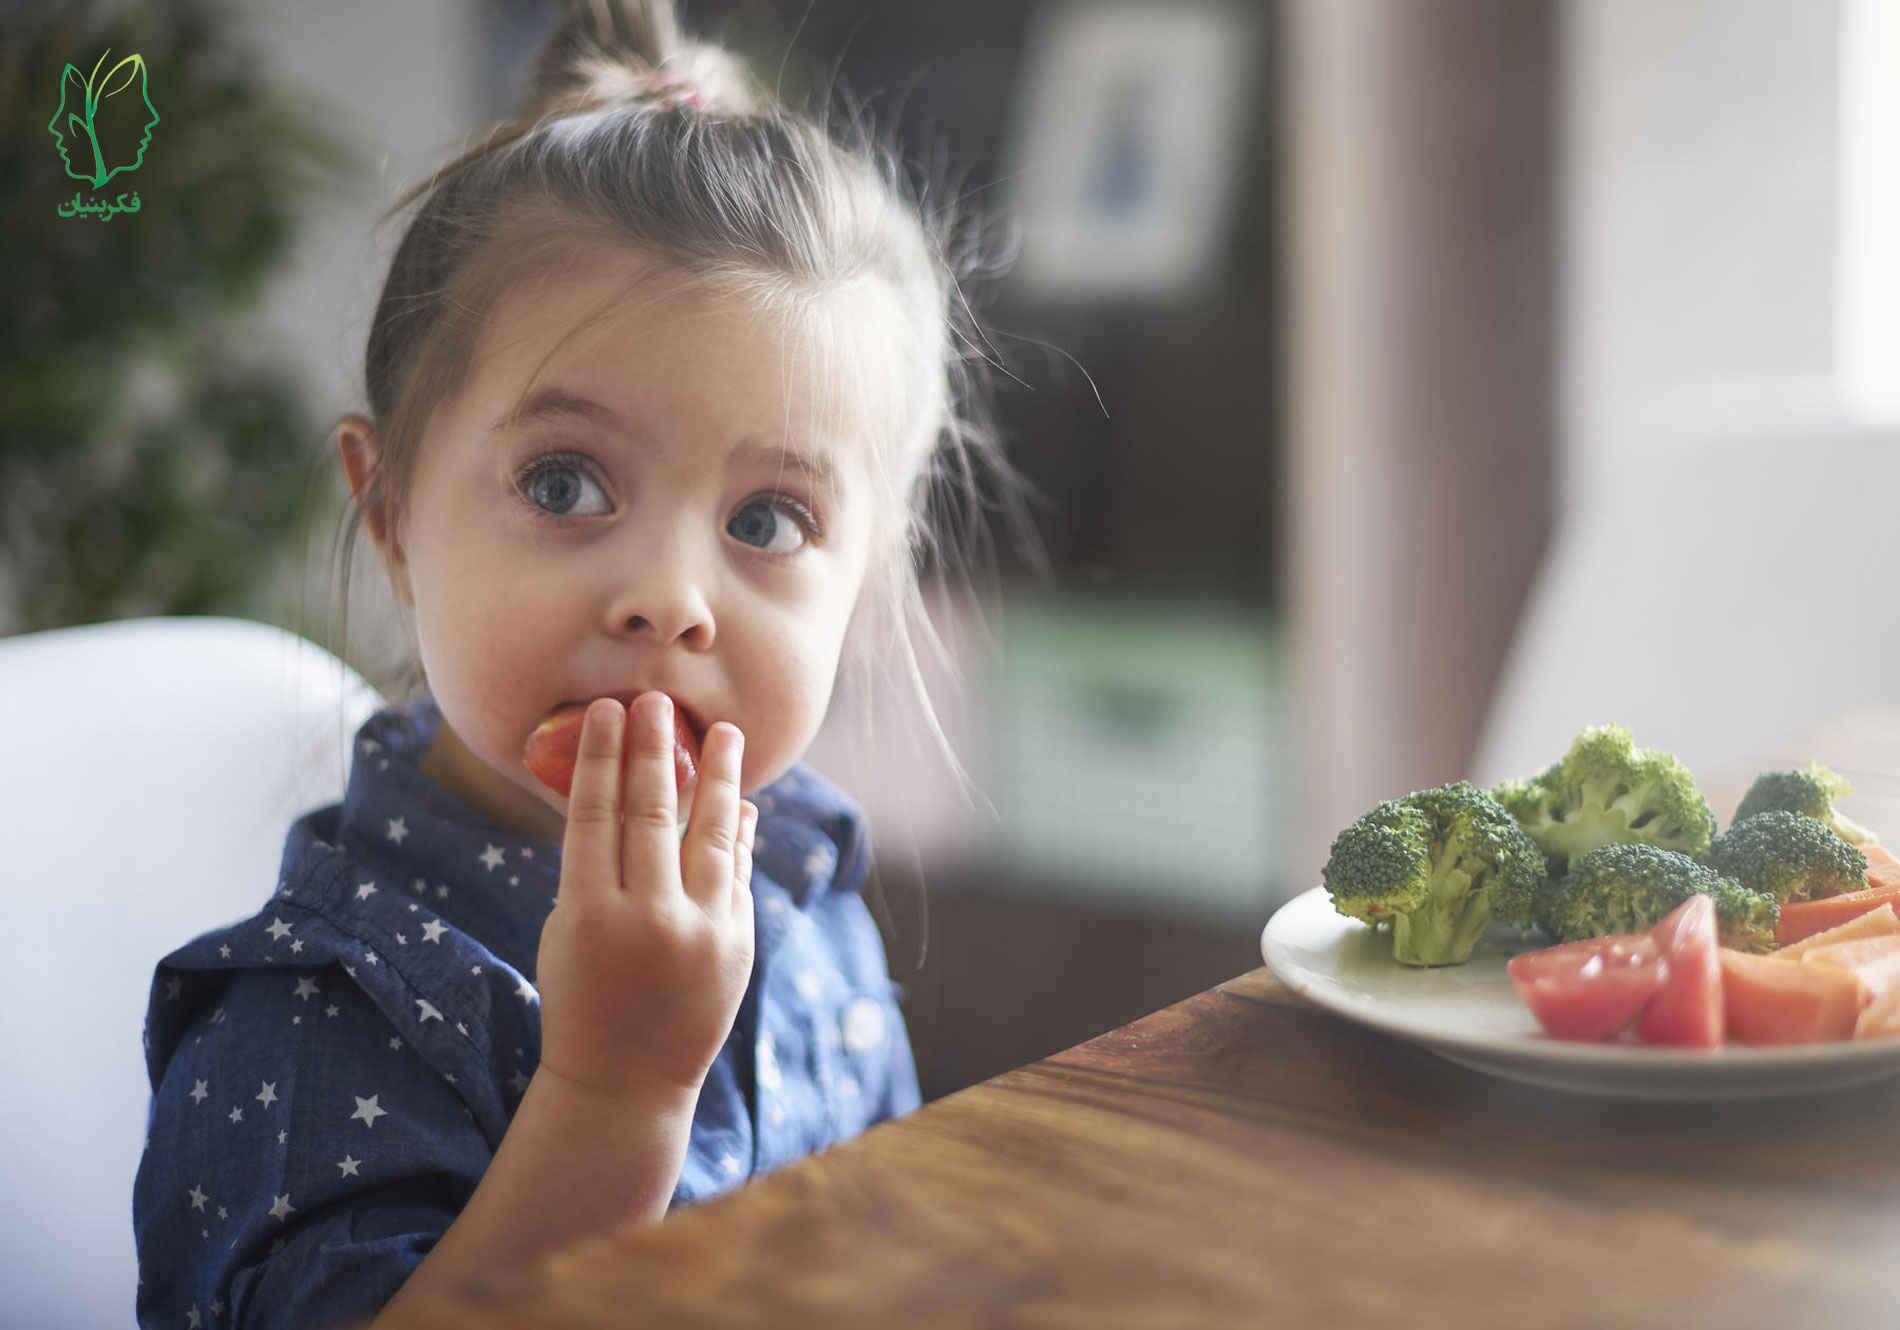 مشکلات تغذیهای که اکثر کودکان هنگام غذا خوردن دارند برای والدین ناراحتکننده و نگرانکننده است